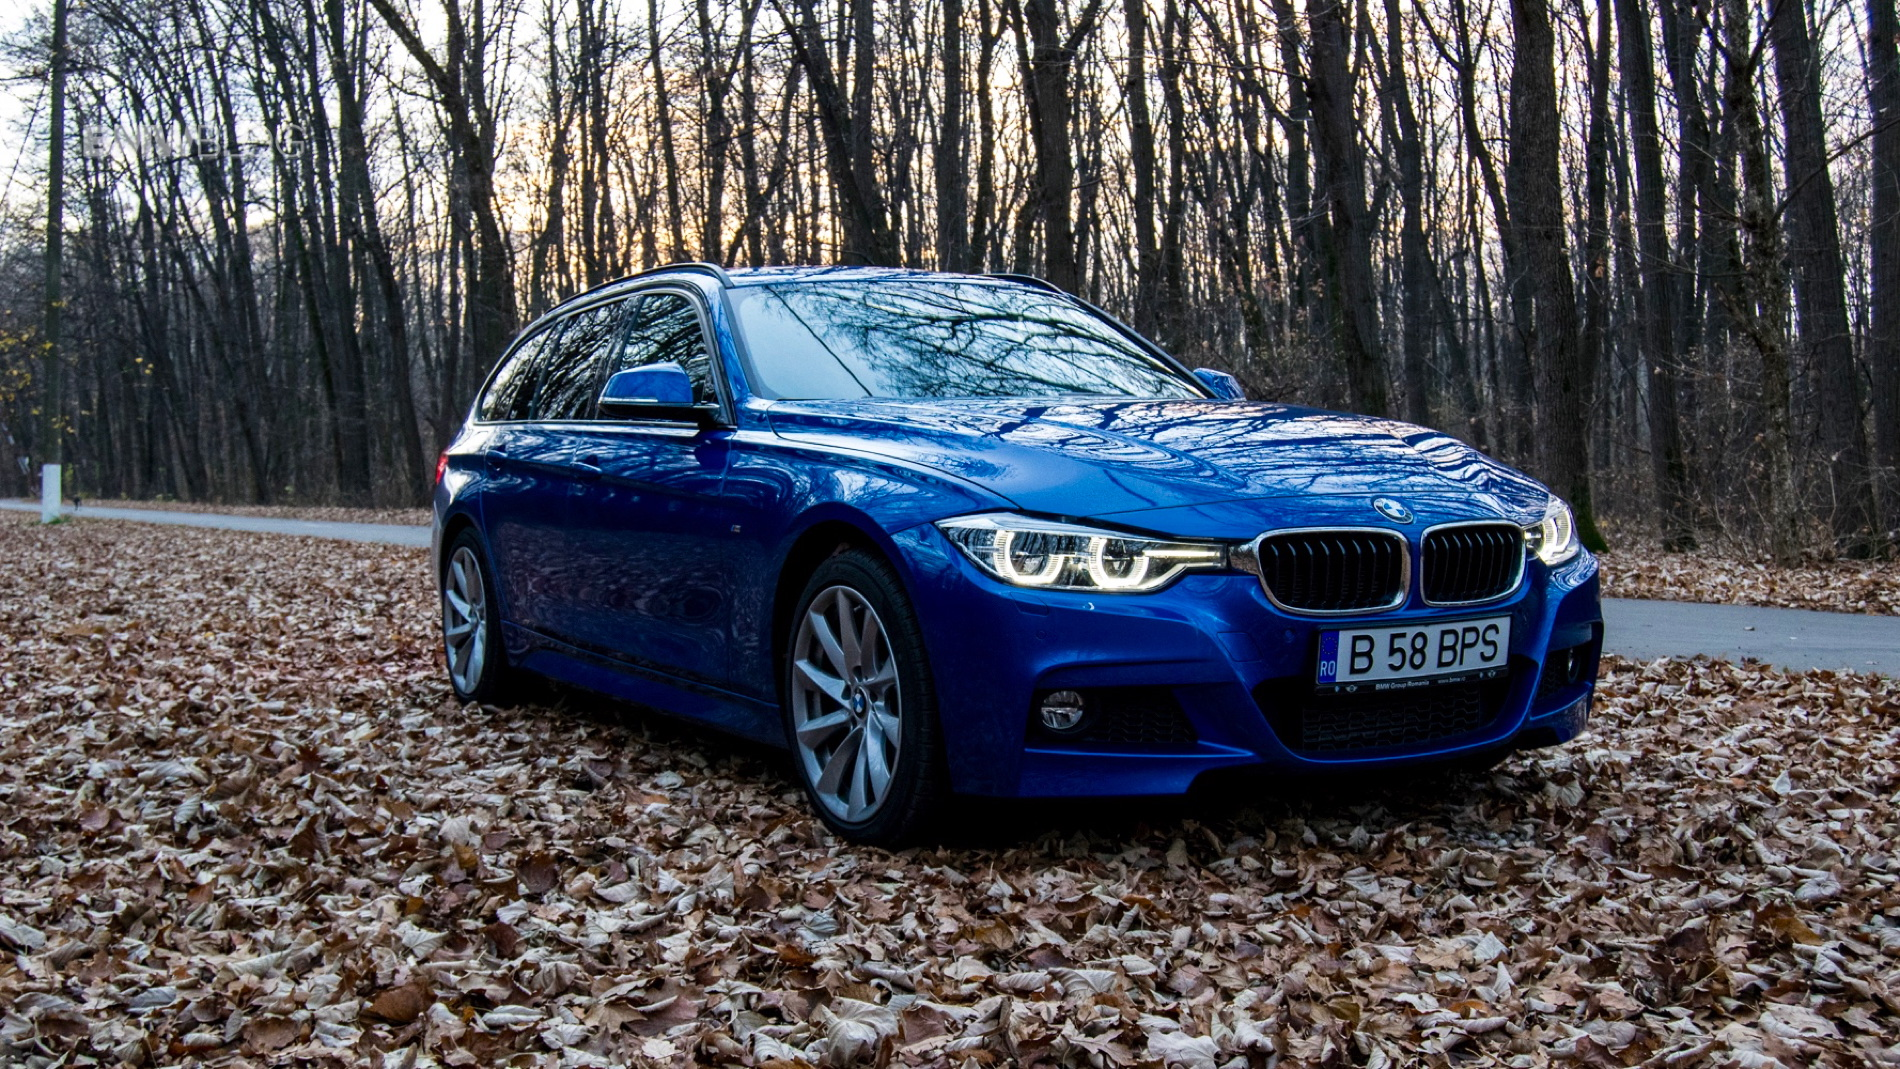 2015 BMW 320d xDrive Touring test drive 2